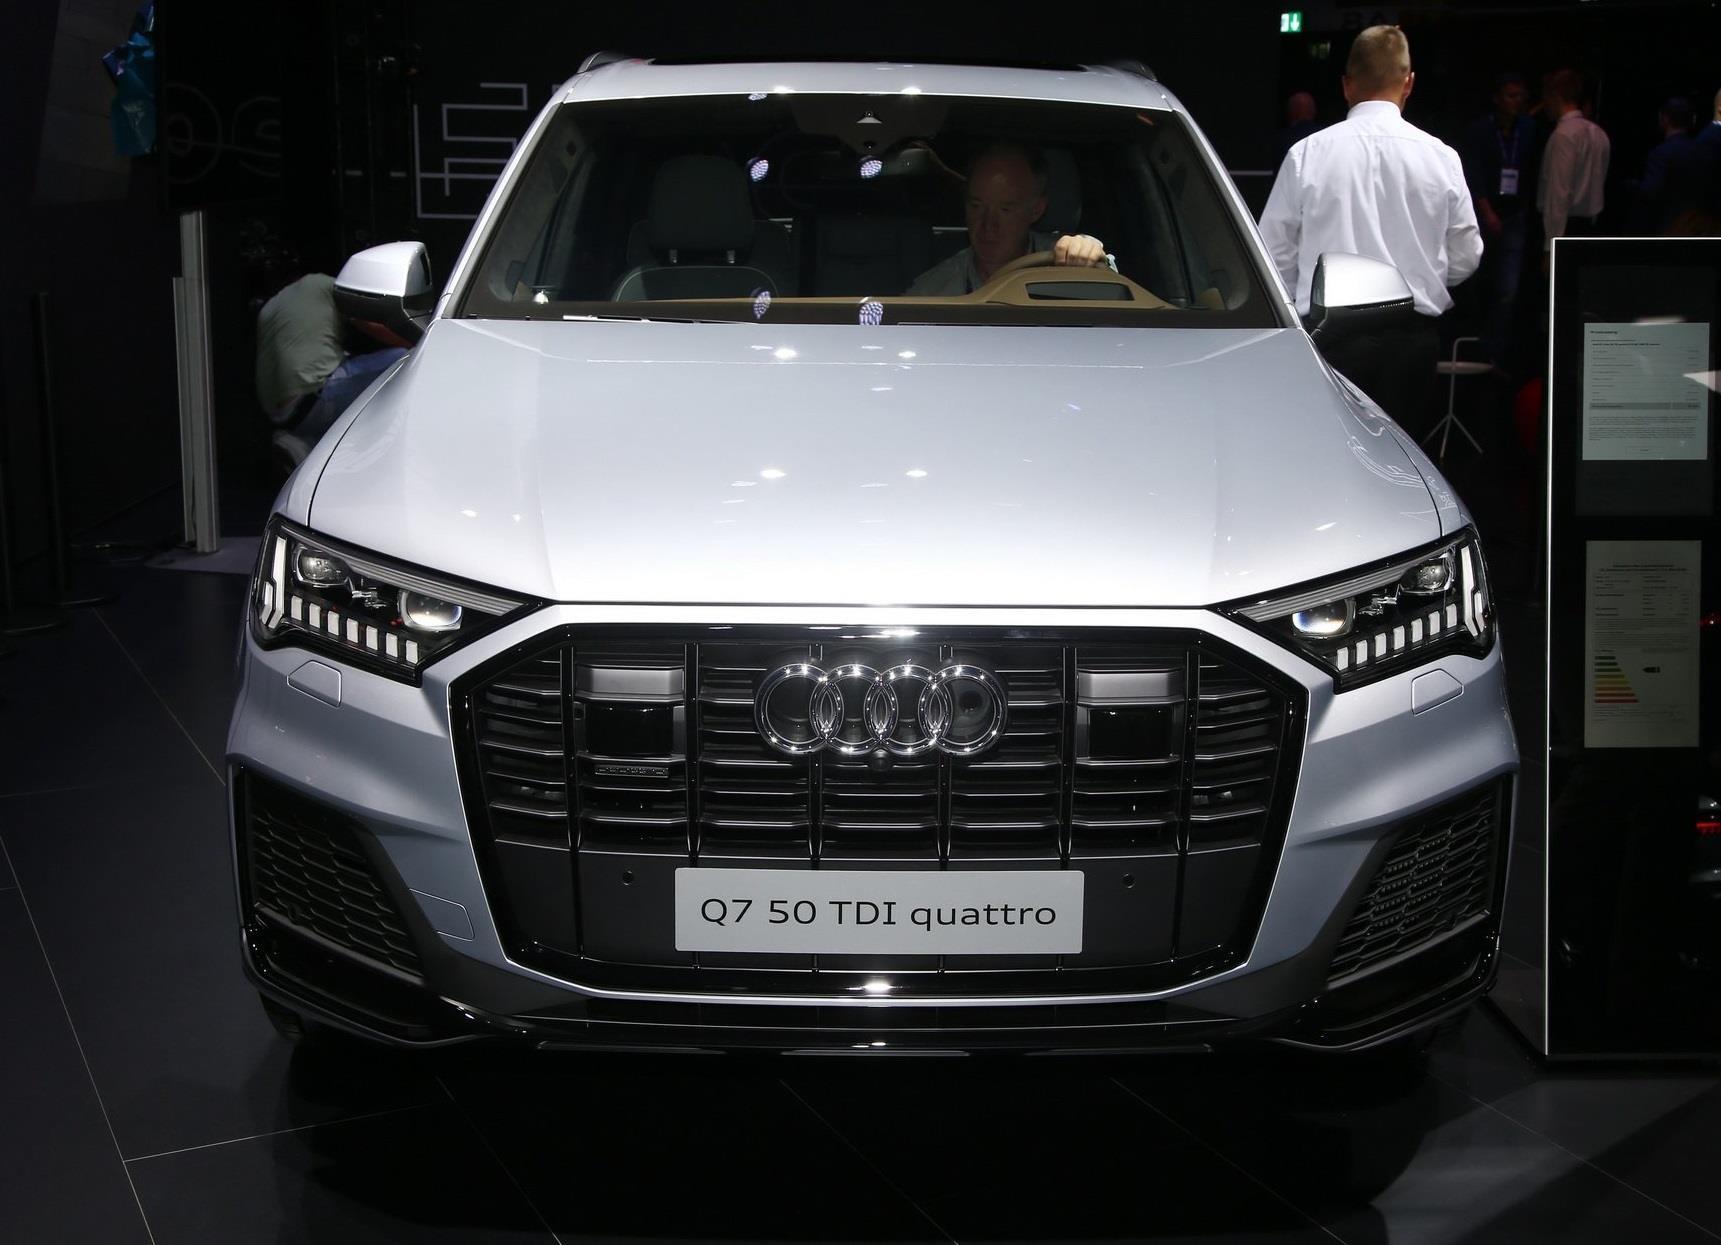 Audi Q7 2020 xuất hiện, nội thất sang và hiện đại